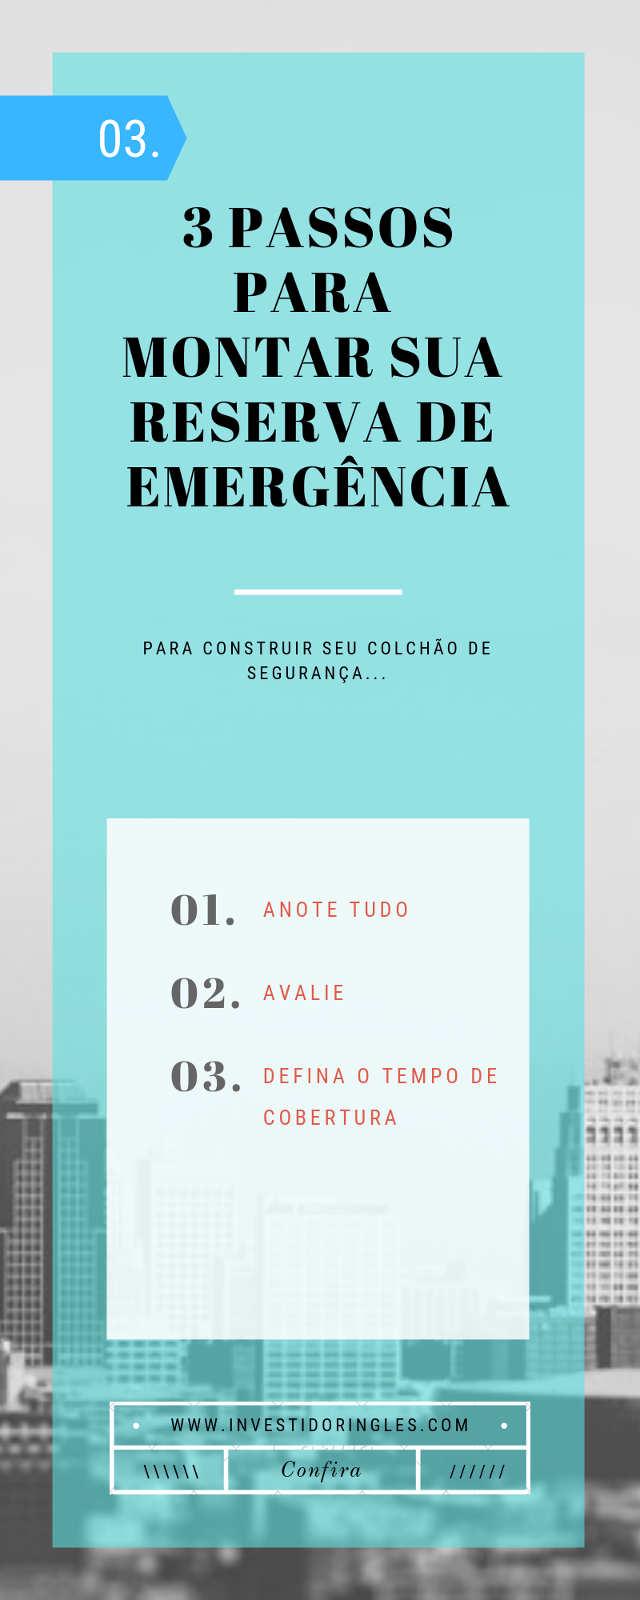 Como montar sua reserva de emergência?